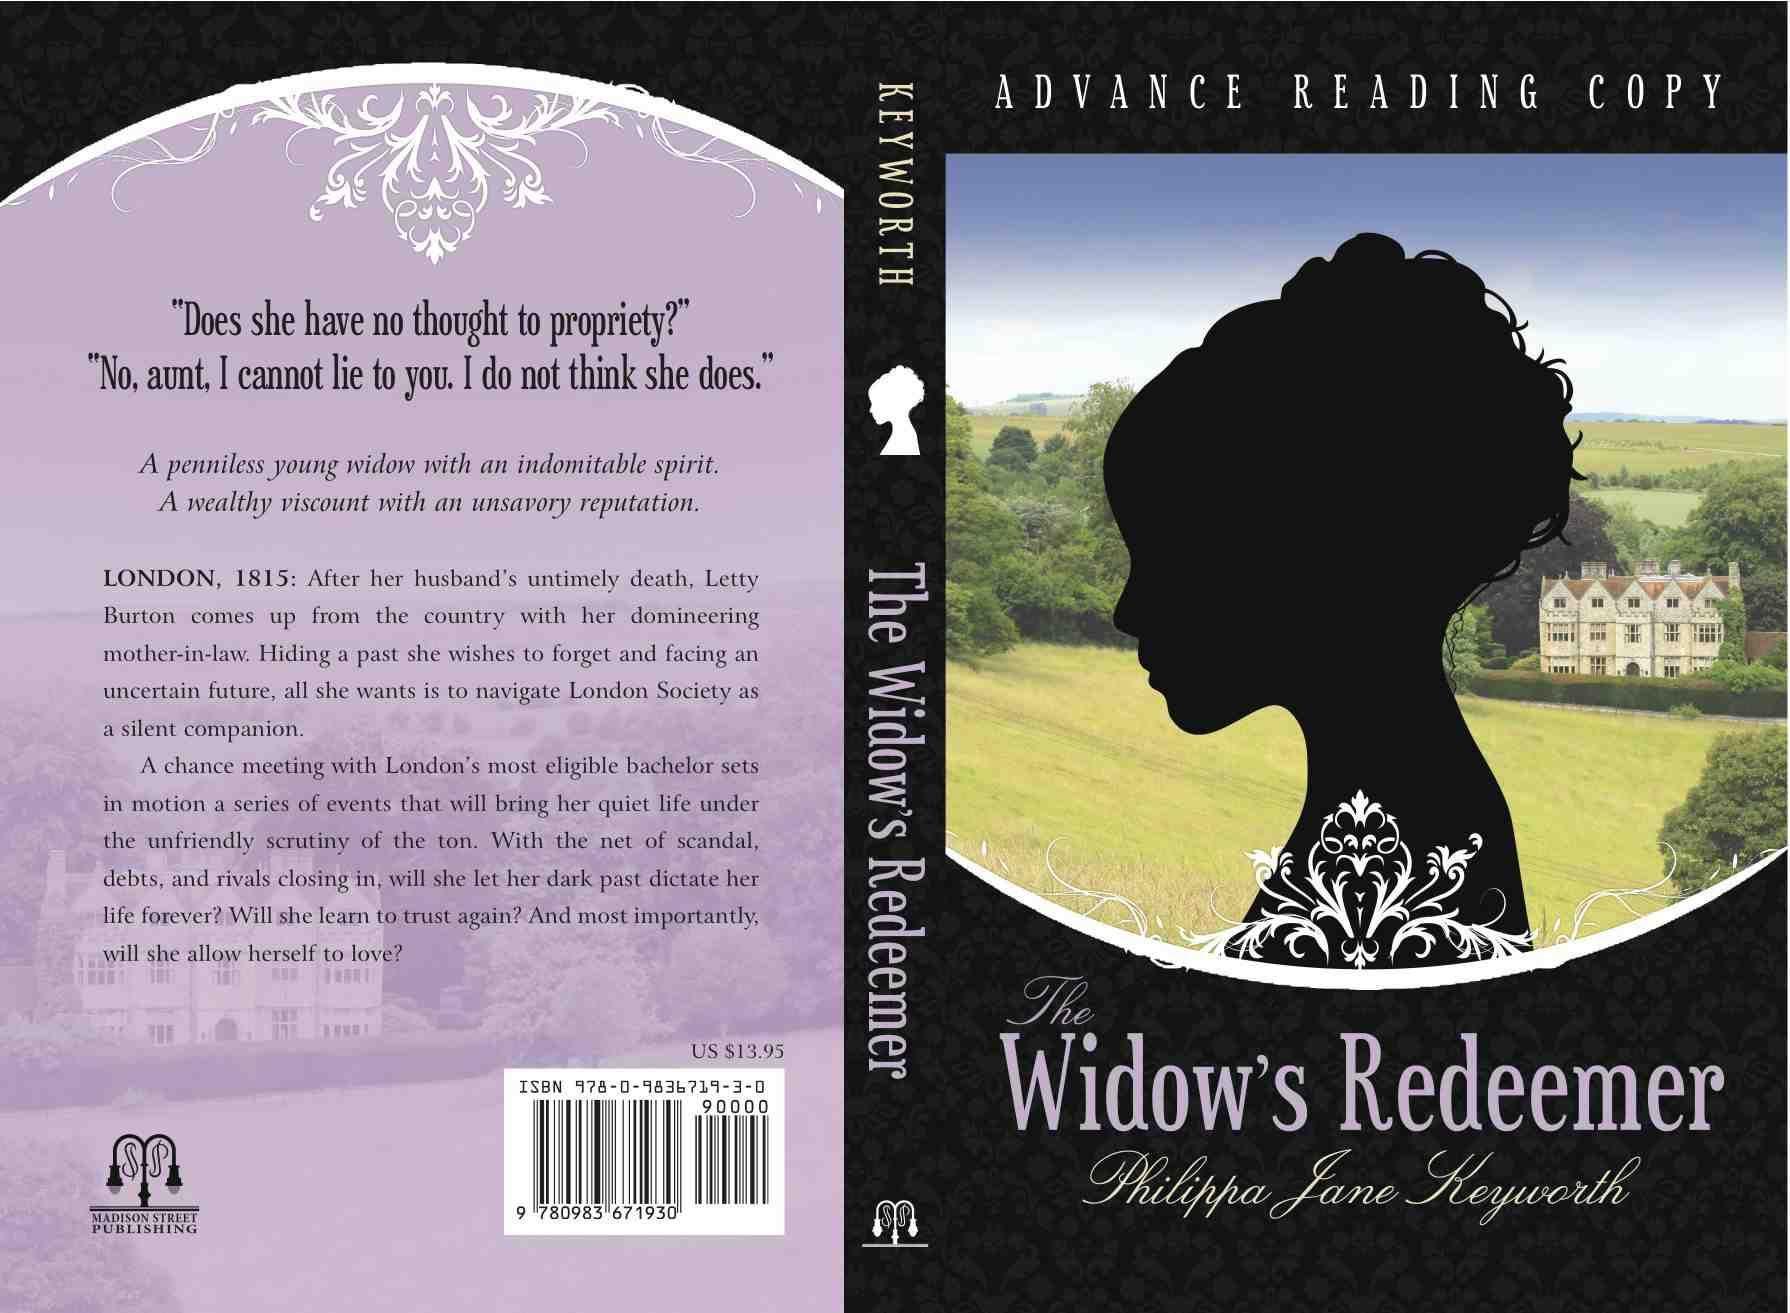 Book Cover Design Description : Design book cover buscar con google cubiertas de